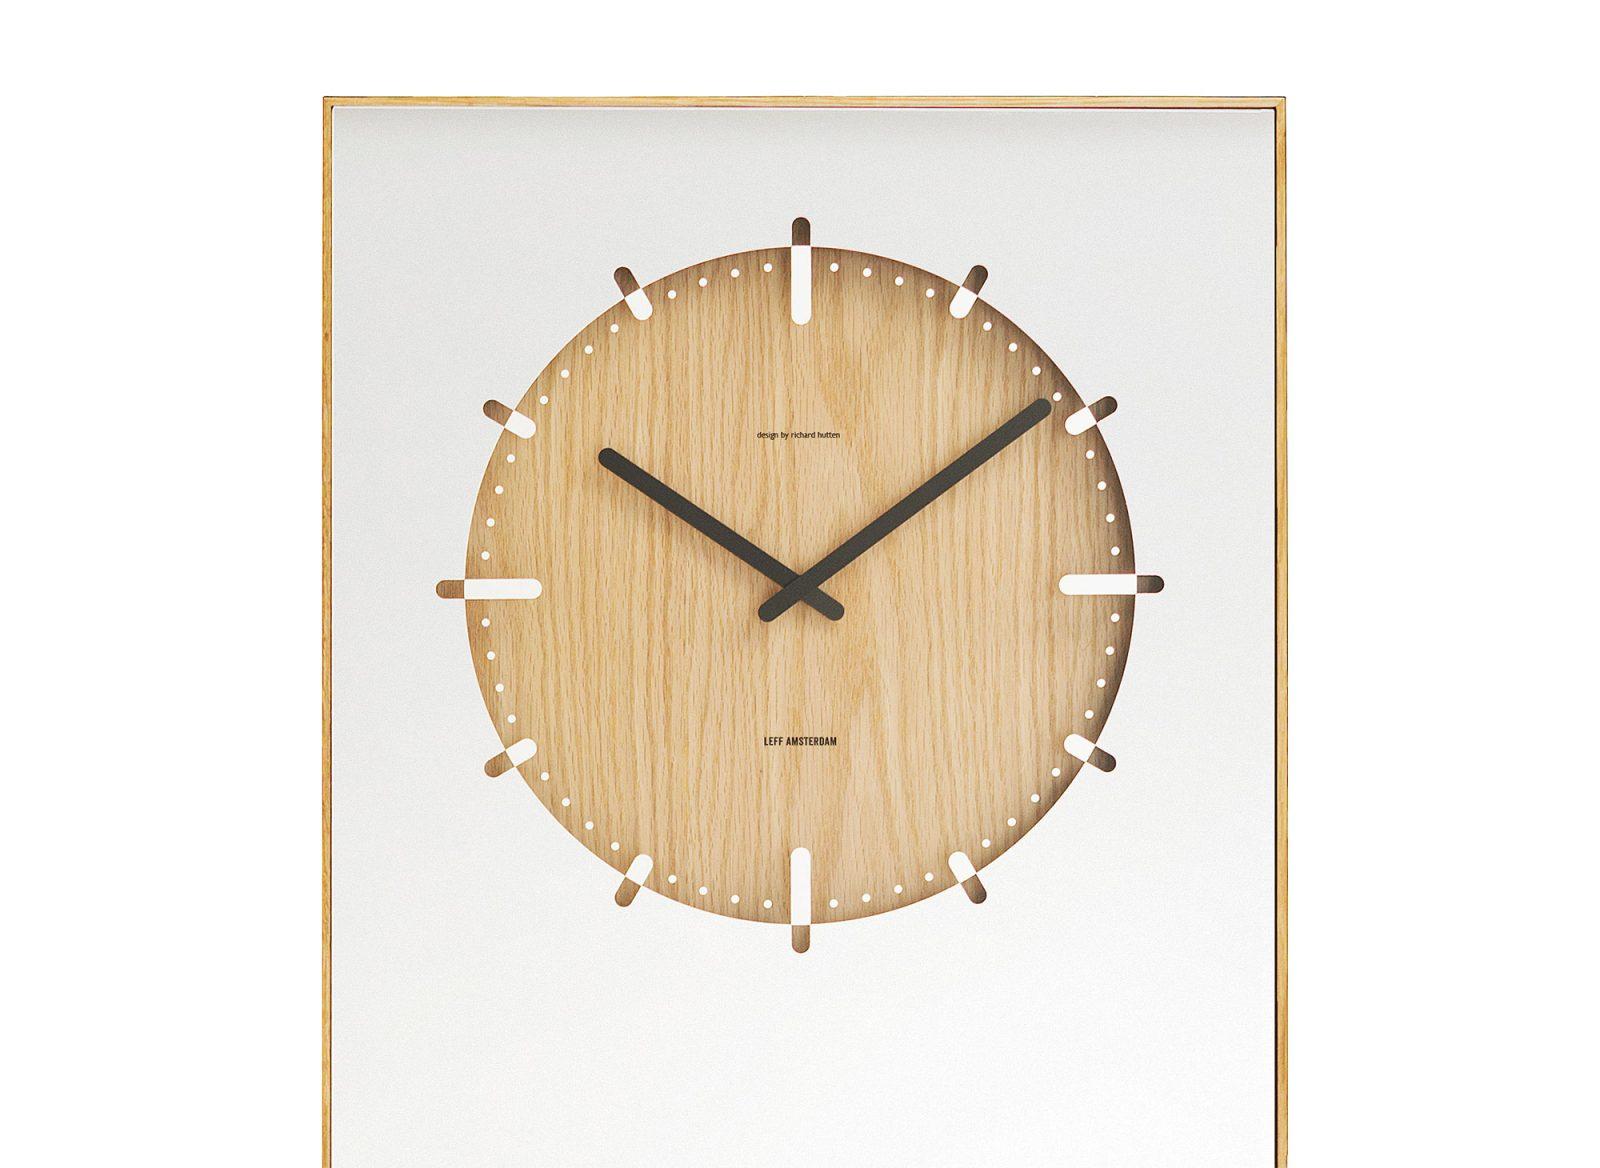 LEFF Amsterdam Inverse Mirror Clock, Natural-30362